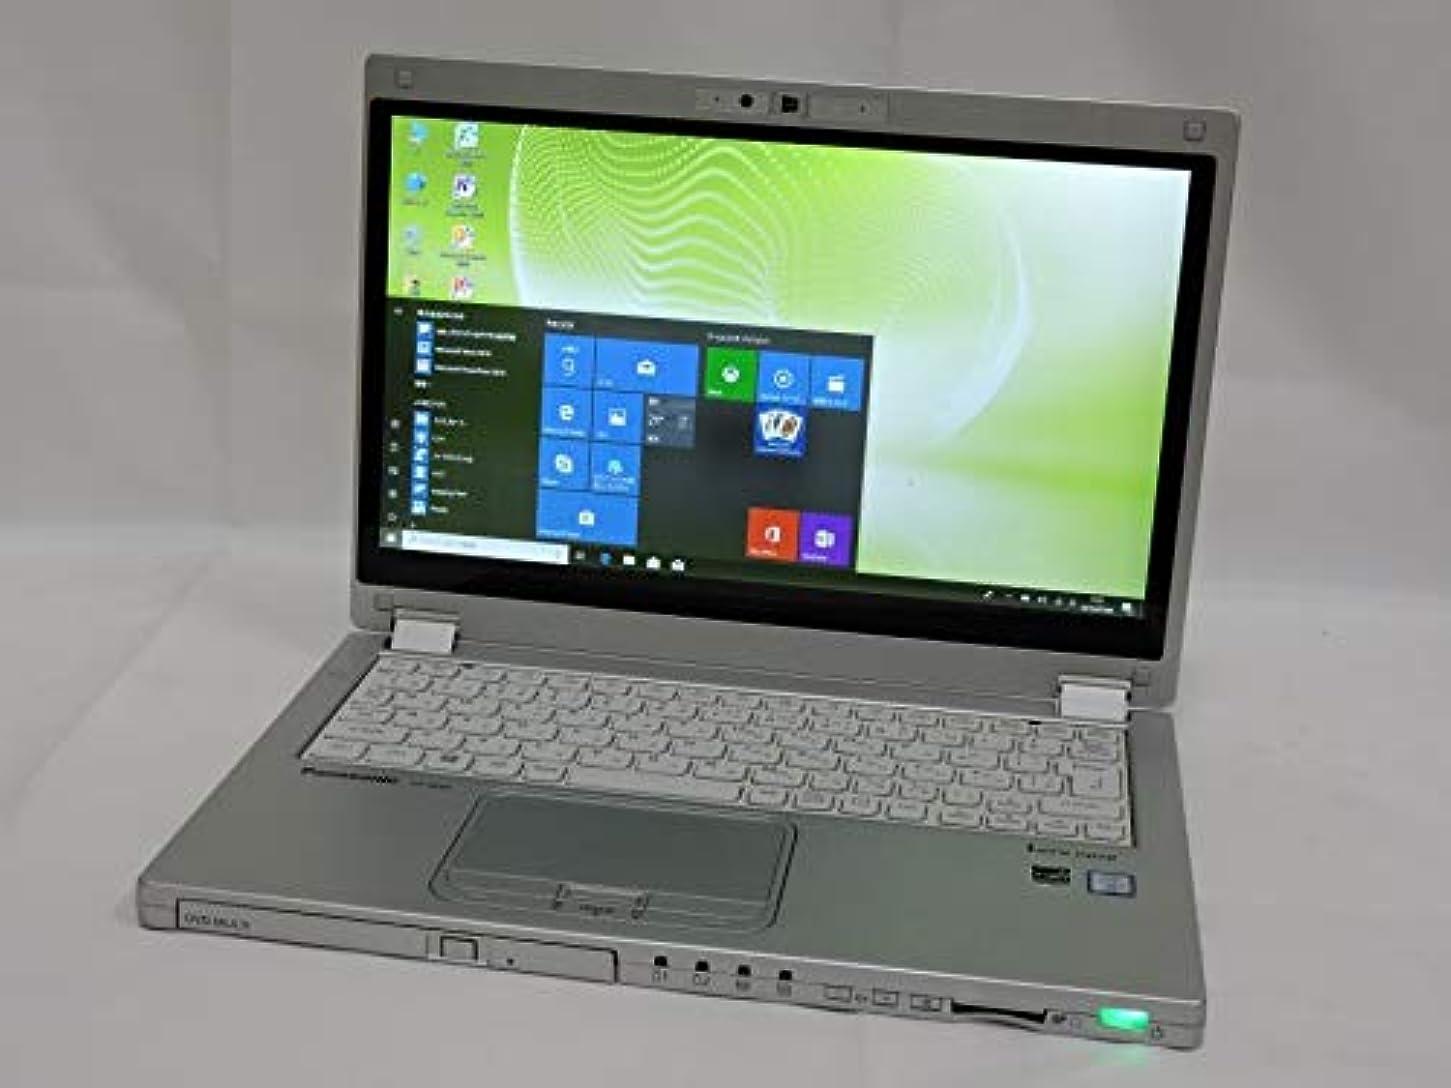 祖先ペルメル選出する即日発送可 1110時間 良品 タッチパネル 12.5型 松下 CF-MX5PFBVS/Win10 64 Pro/六世代Corei5/4G/SSD 128G/無線/Bluetooth/カメラ/1080P/リカバリ領域有/Microsoft Office 2010【中古ノートパソコン 中古パソコン 中古PC office付】